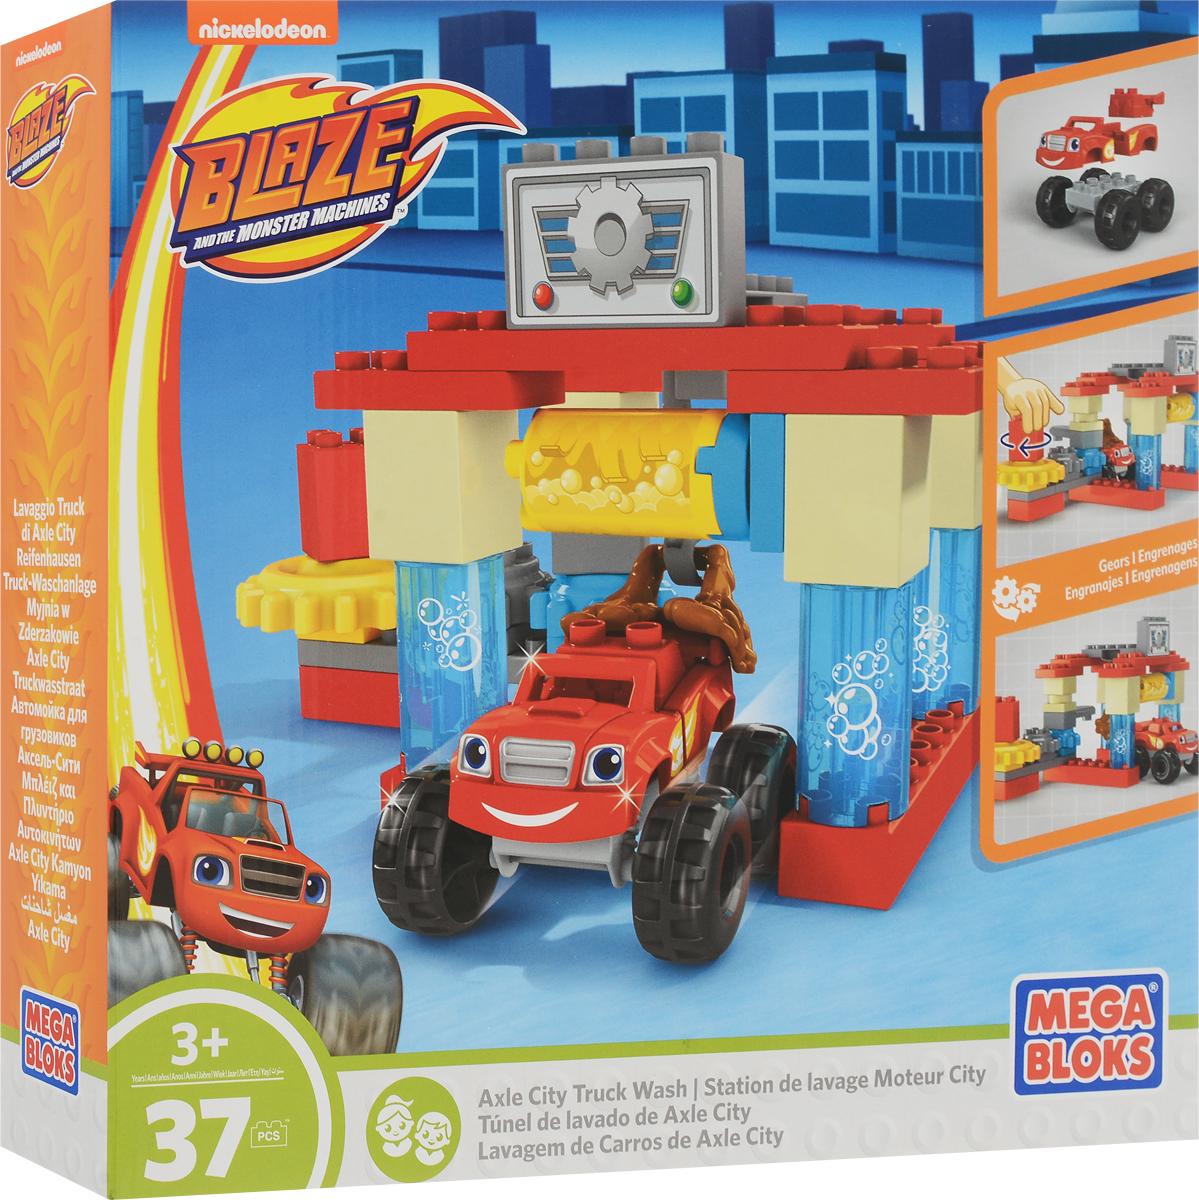 Mega Bloks Вспыш Конструктор Автомобильная мойка игровой набор mega bloks вспыш мойка аксель сити